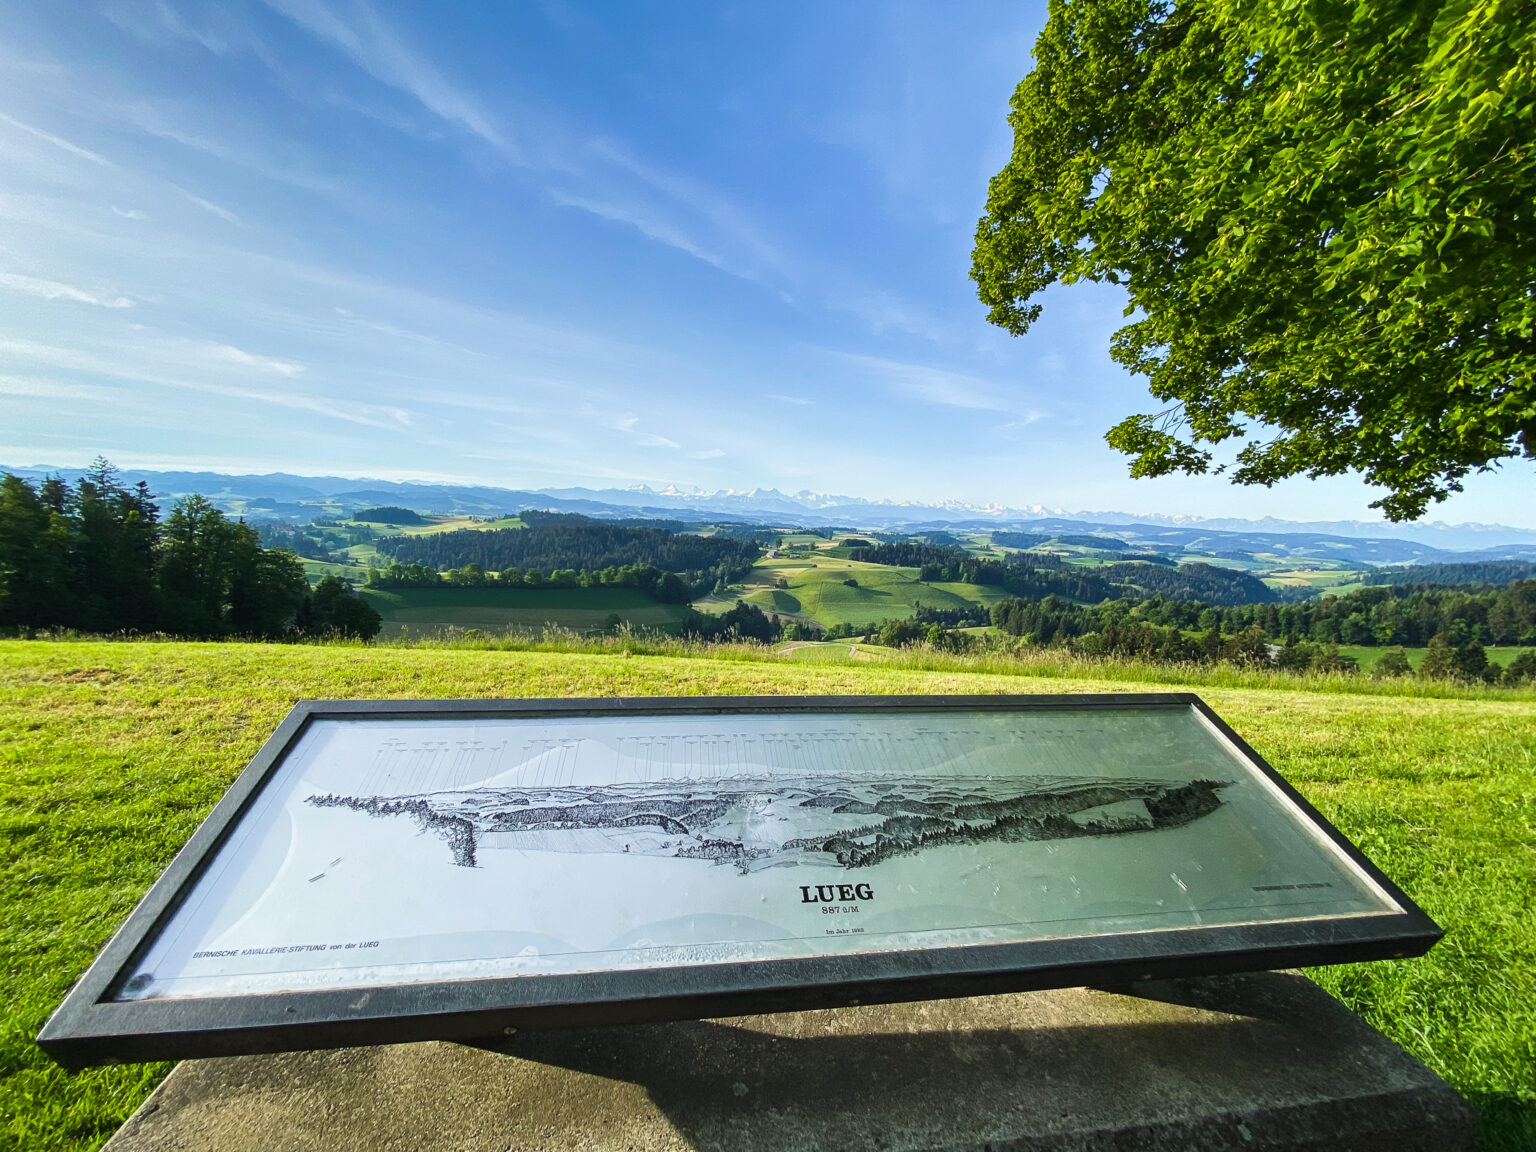 Vista dal Monumento del Lueg